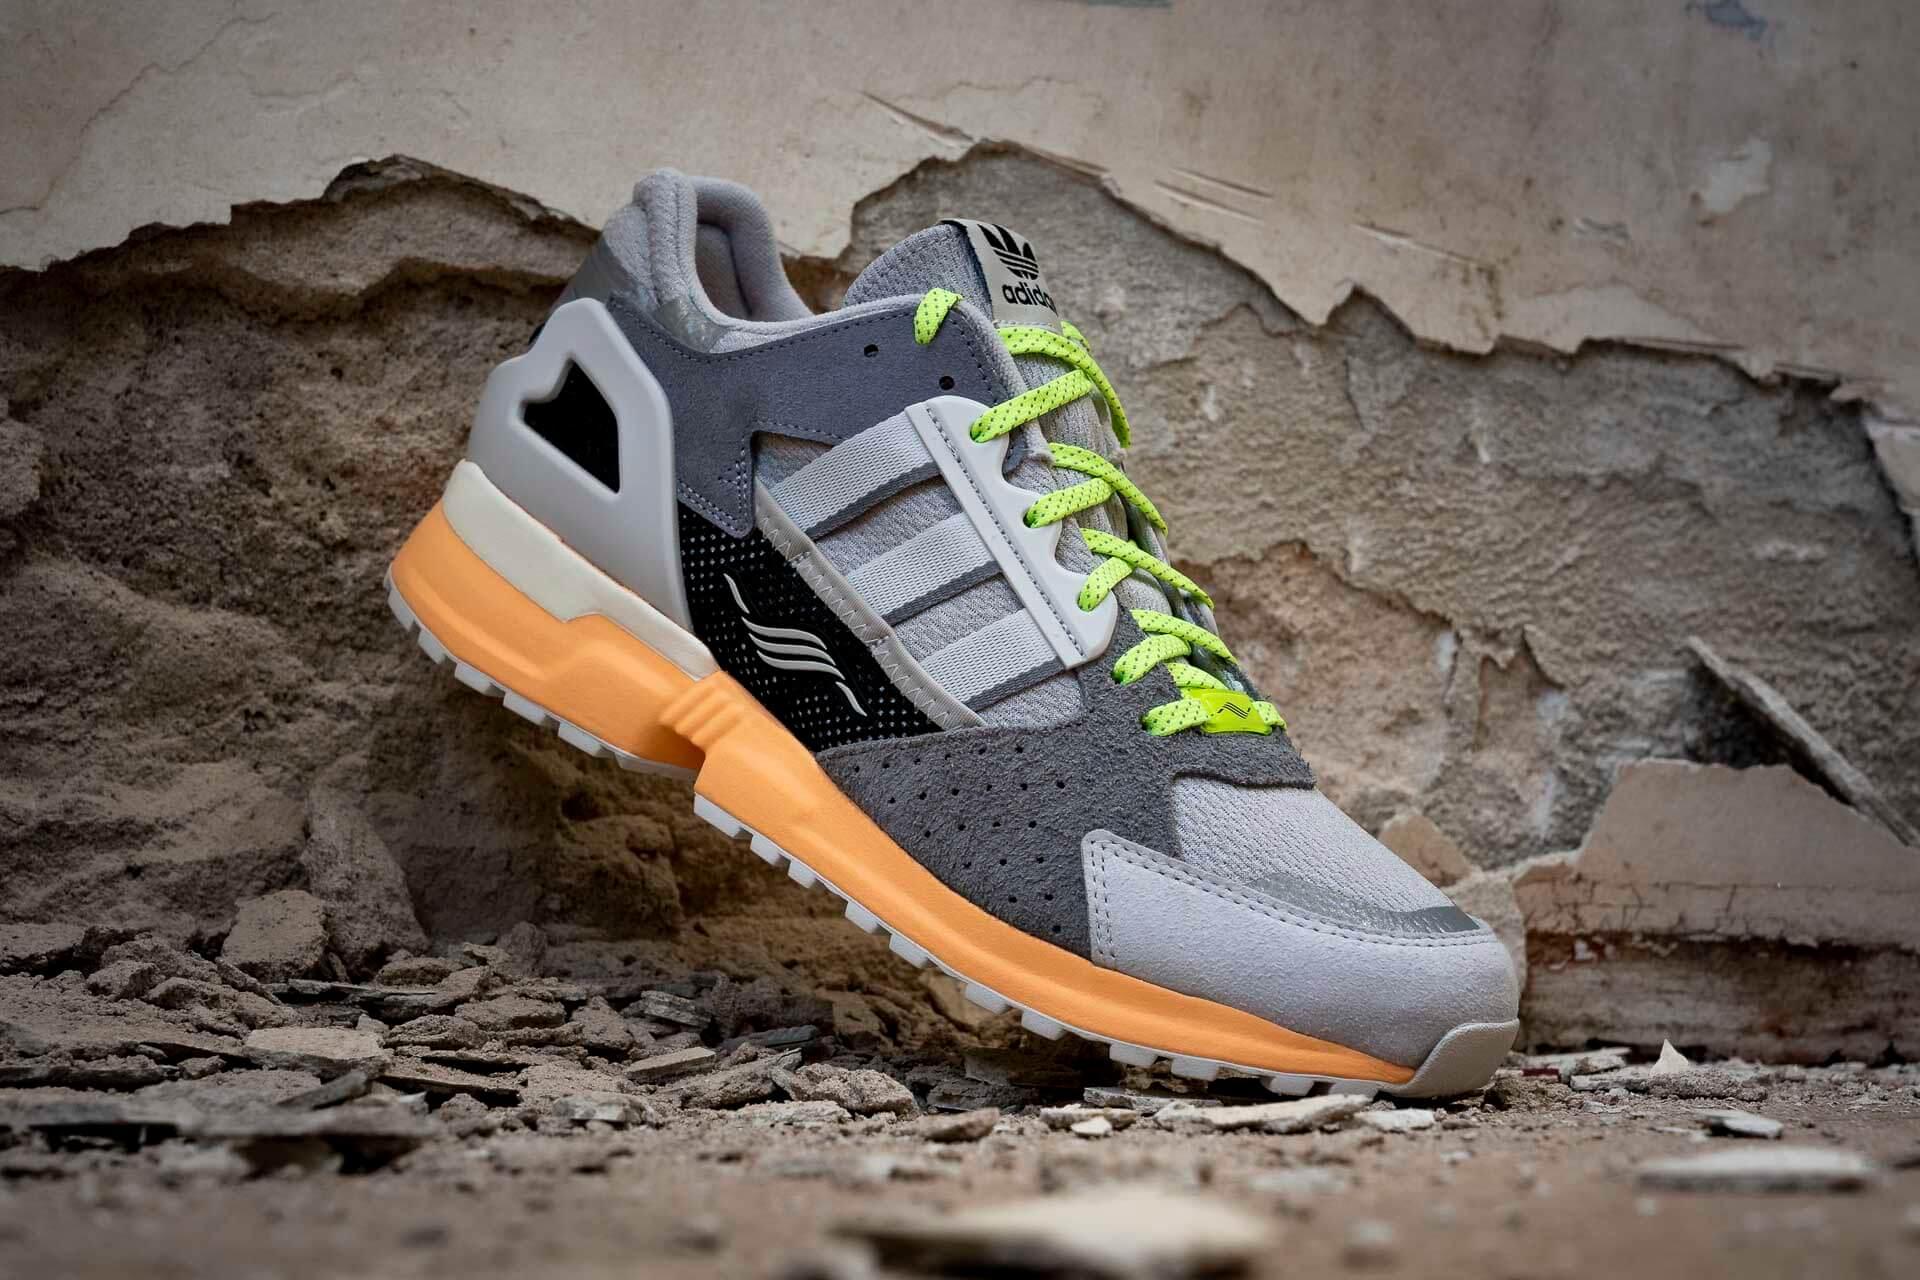 zeigt ZX 10000 C von Adidas